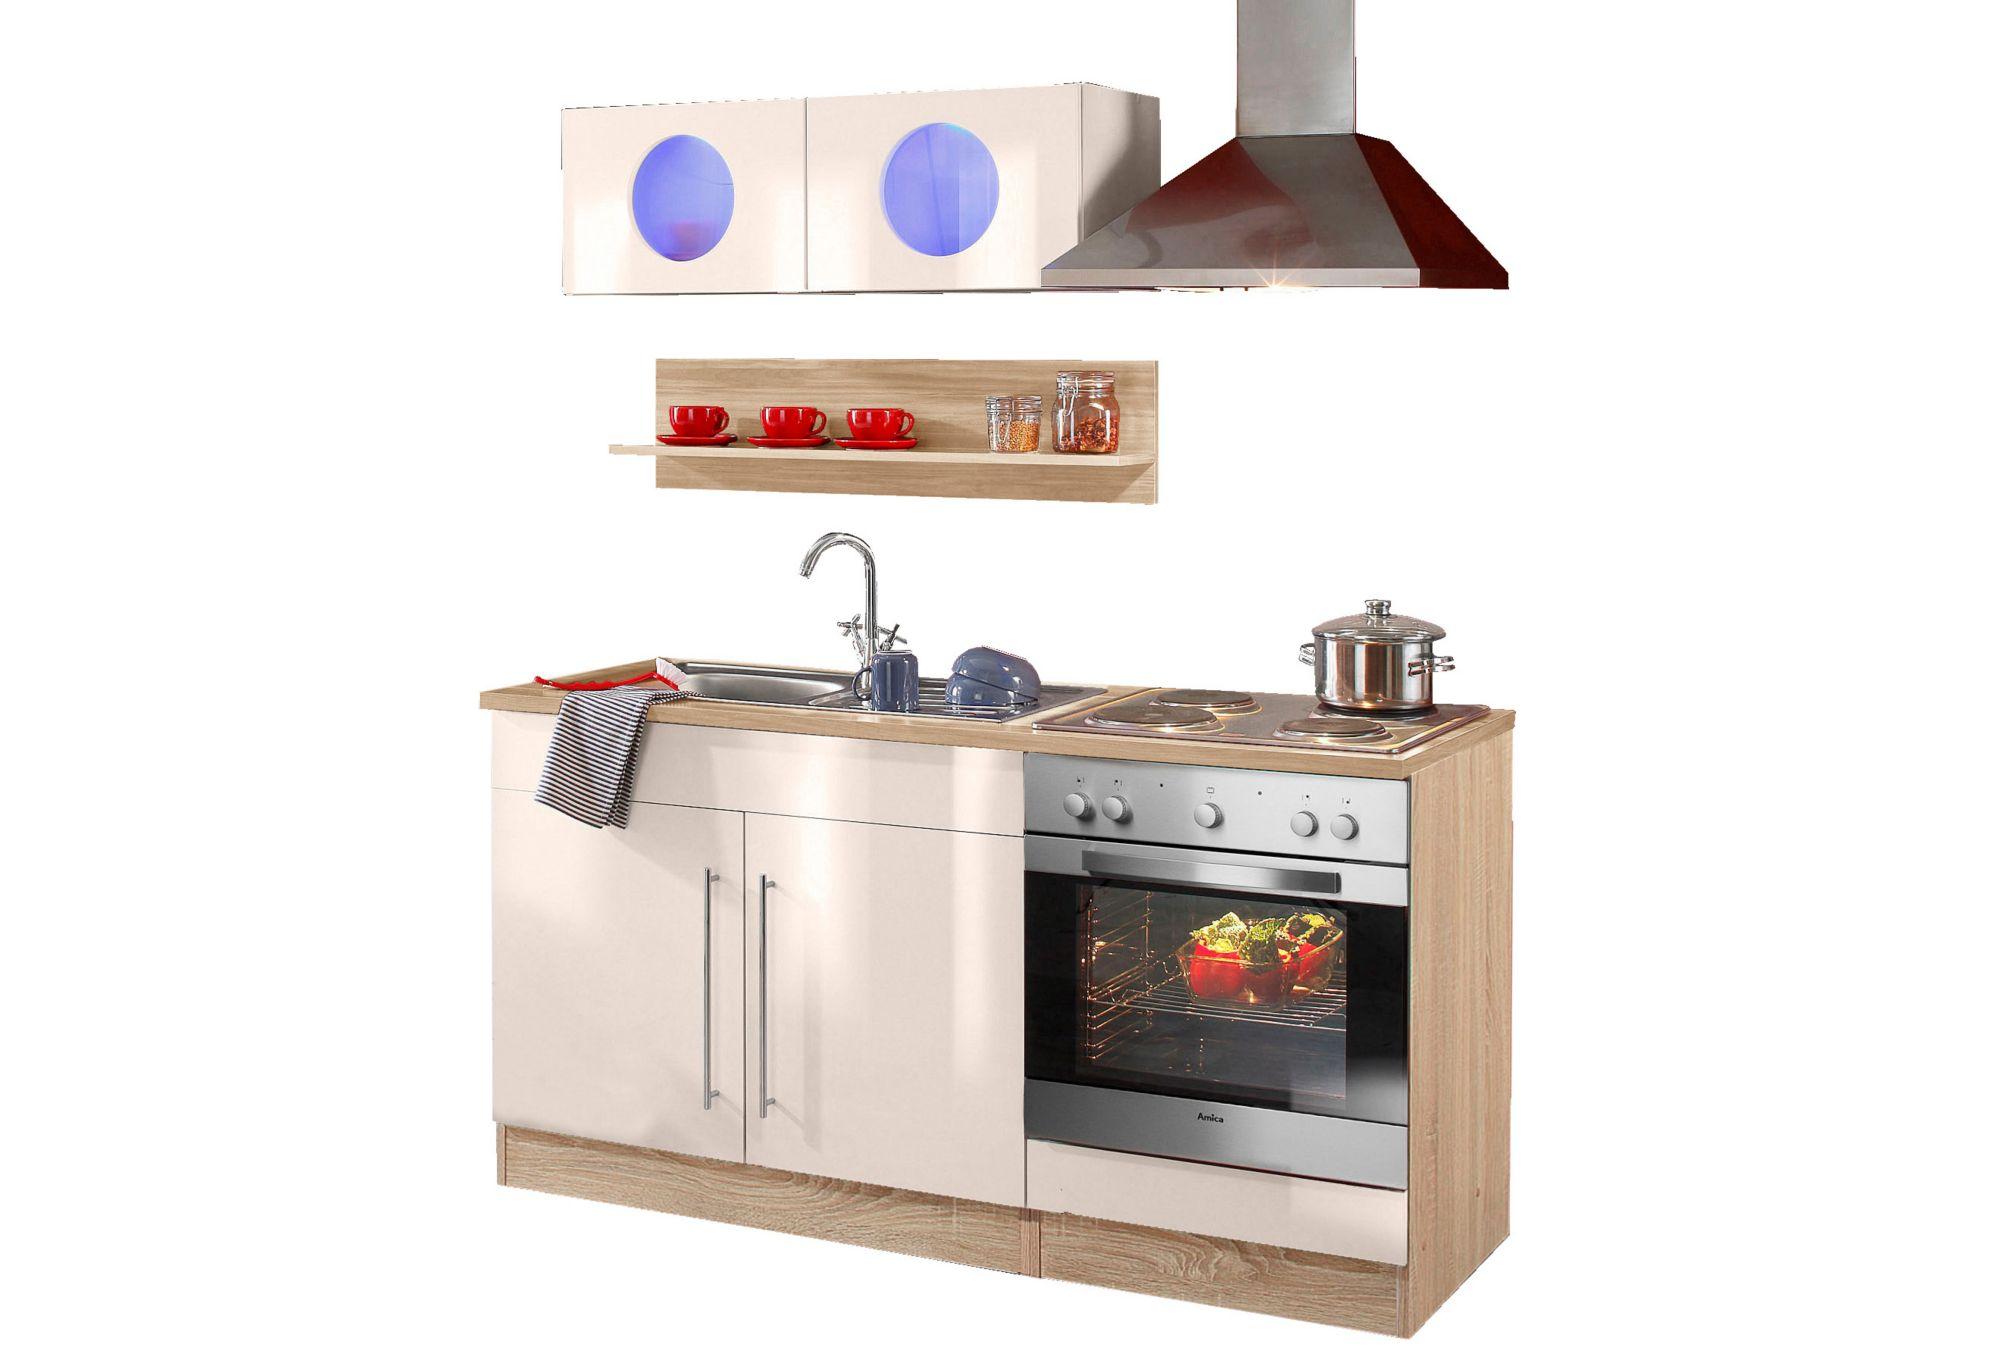 Kuchenzeile keitum held mobel mit elektrogeraten for Küchen wandregale